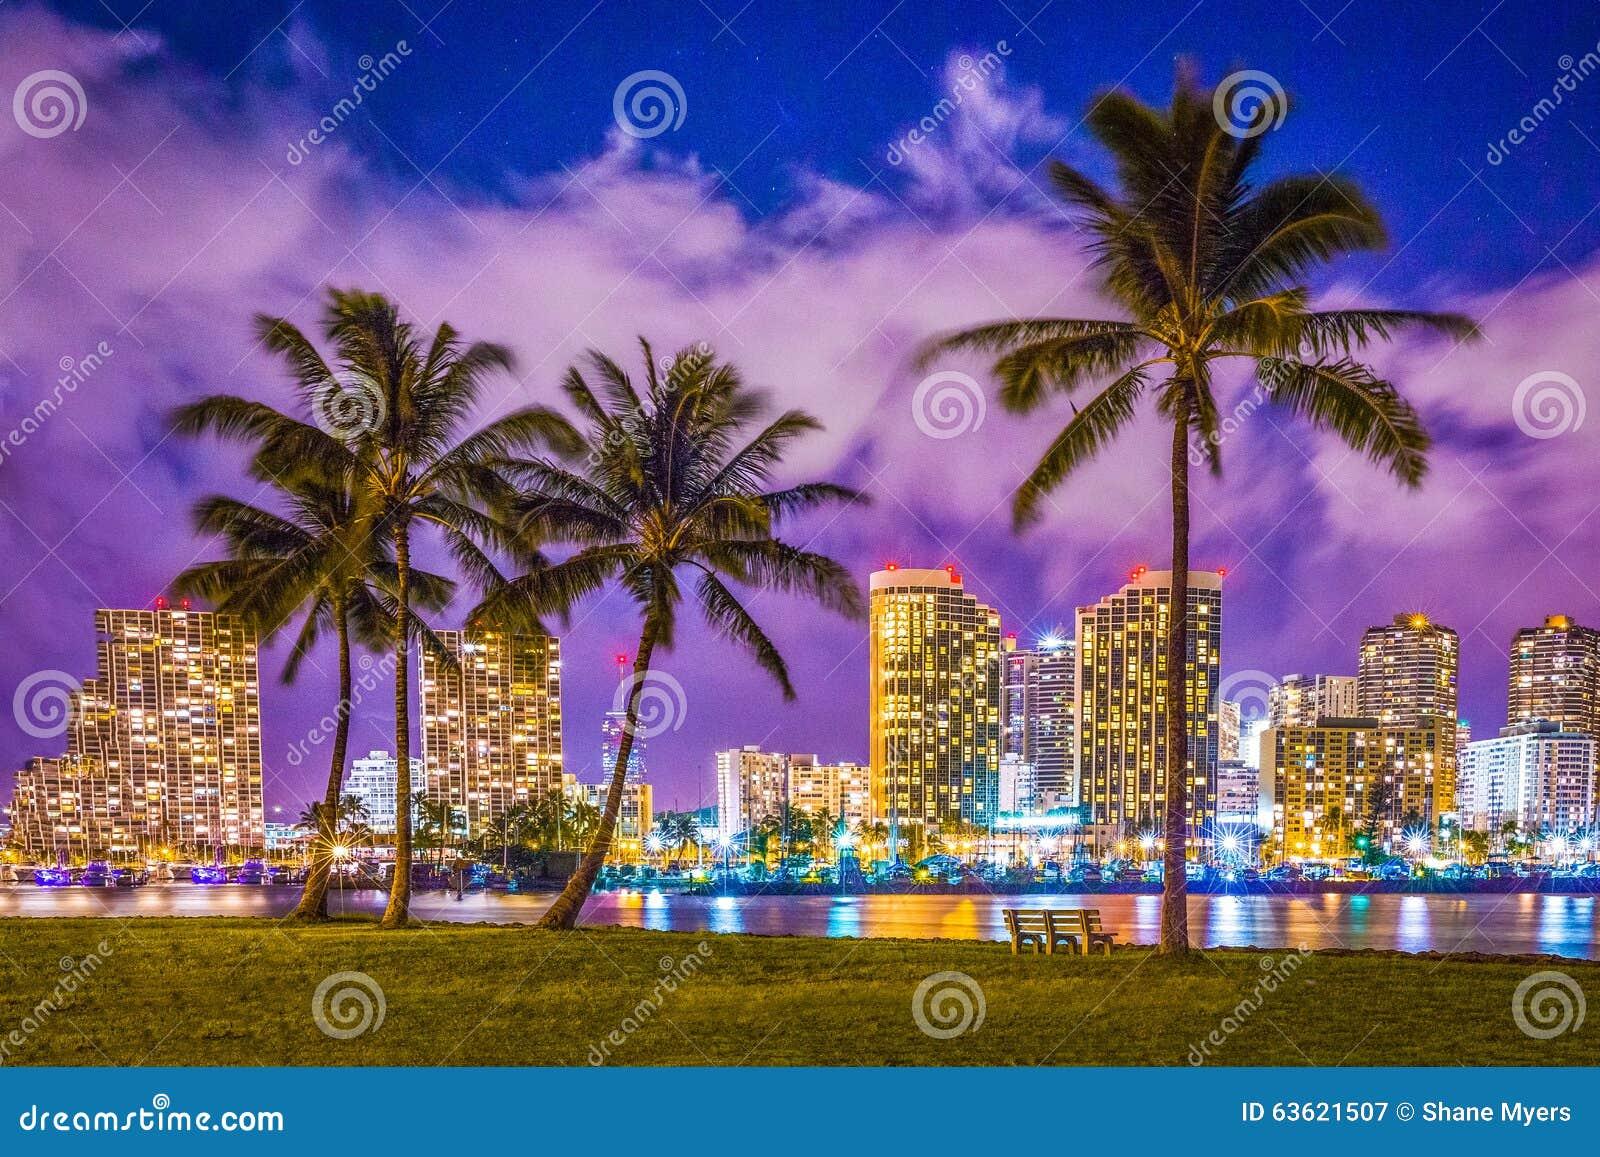 Waikiki Dreaming